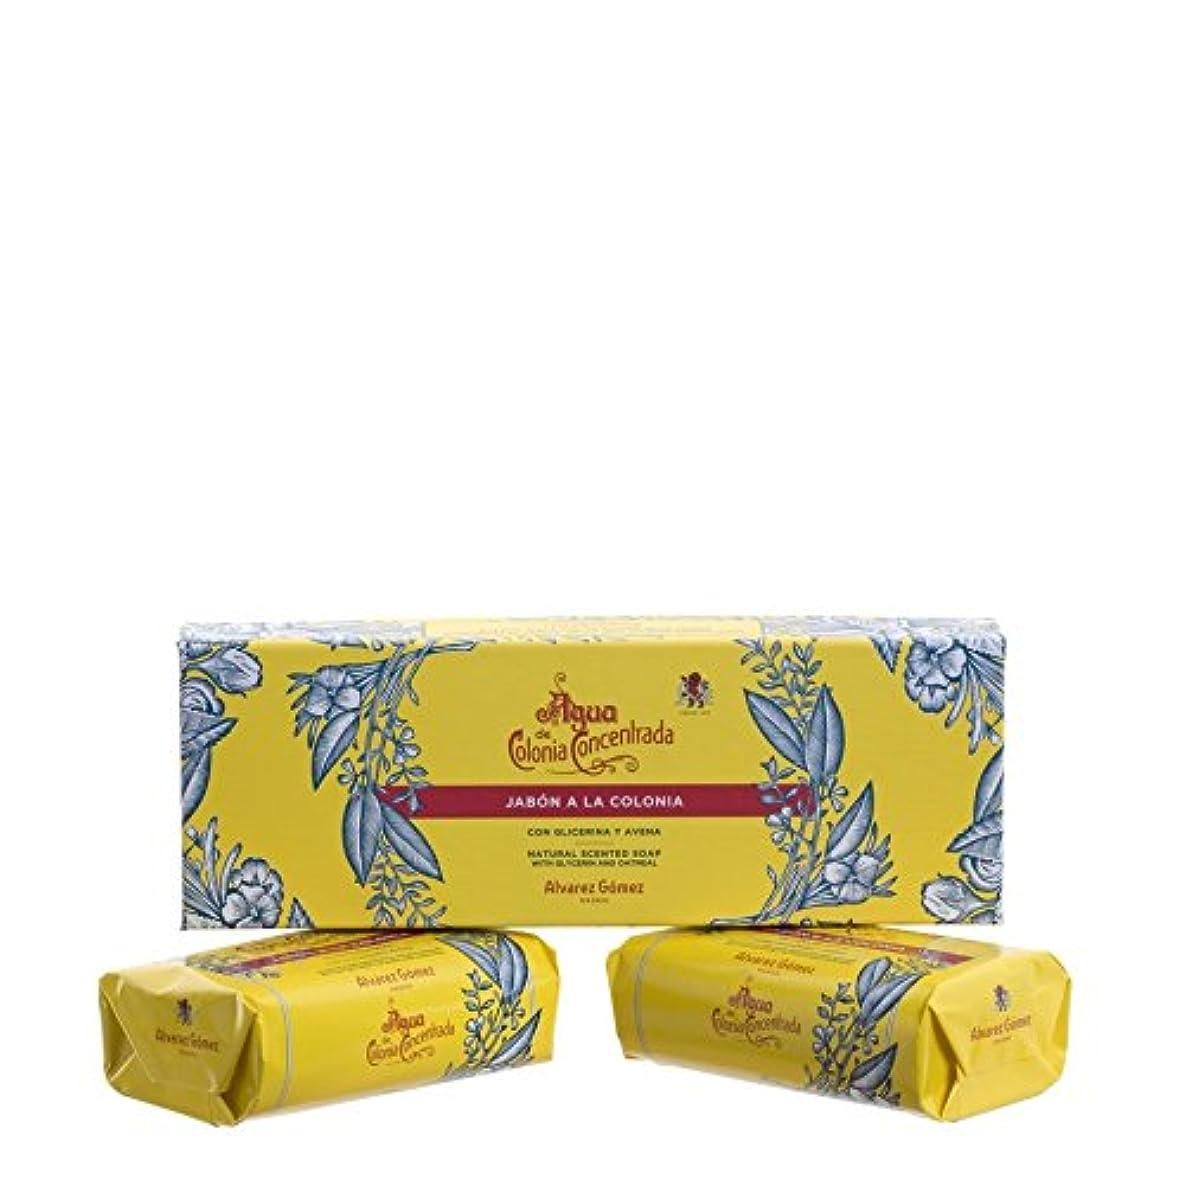 飛行機広がりバケツ?lvarez G?mez Agua de Colonia Concentrada Soap Set - アルバレスゴメスアグアデコロニア石鹸セット [並行輸入品]